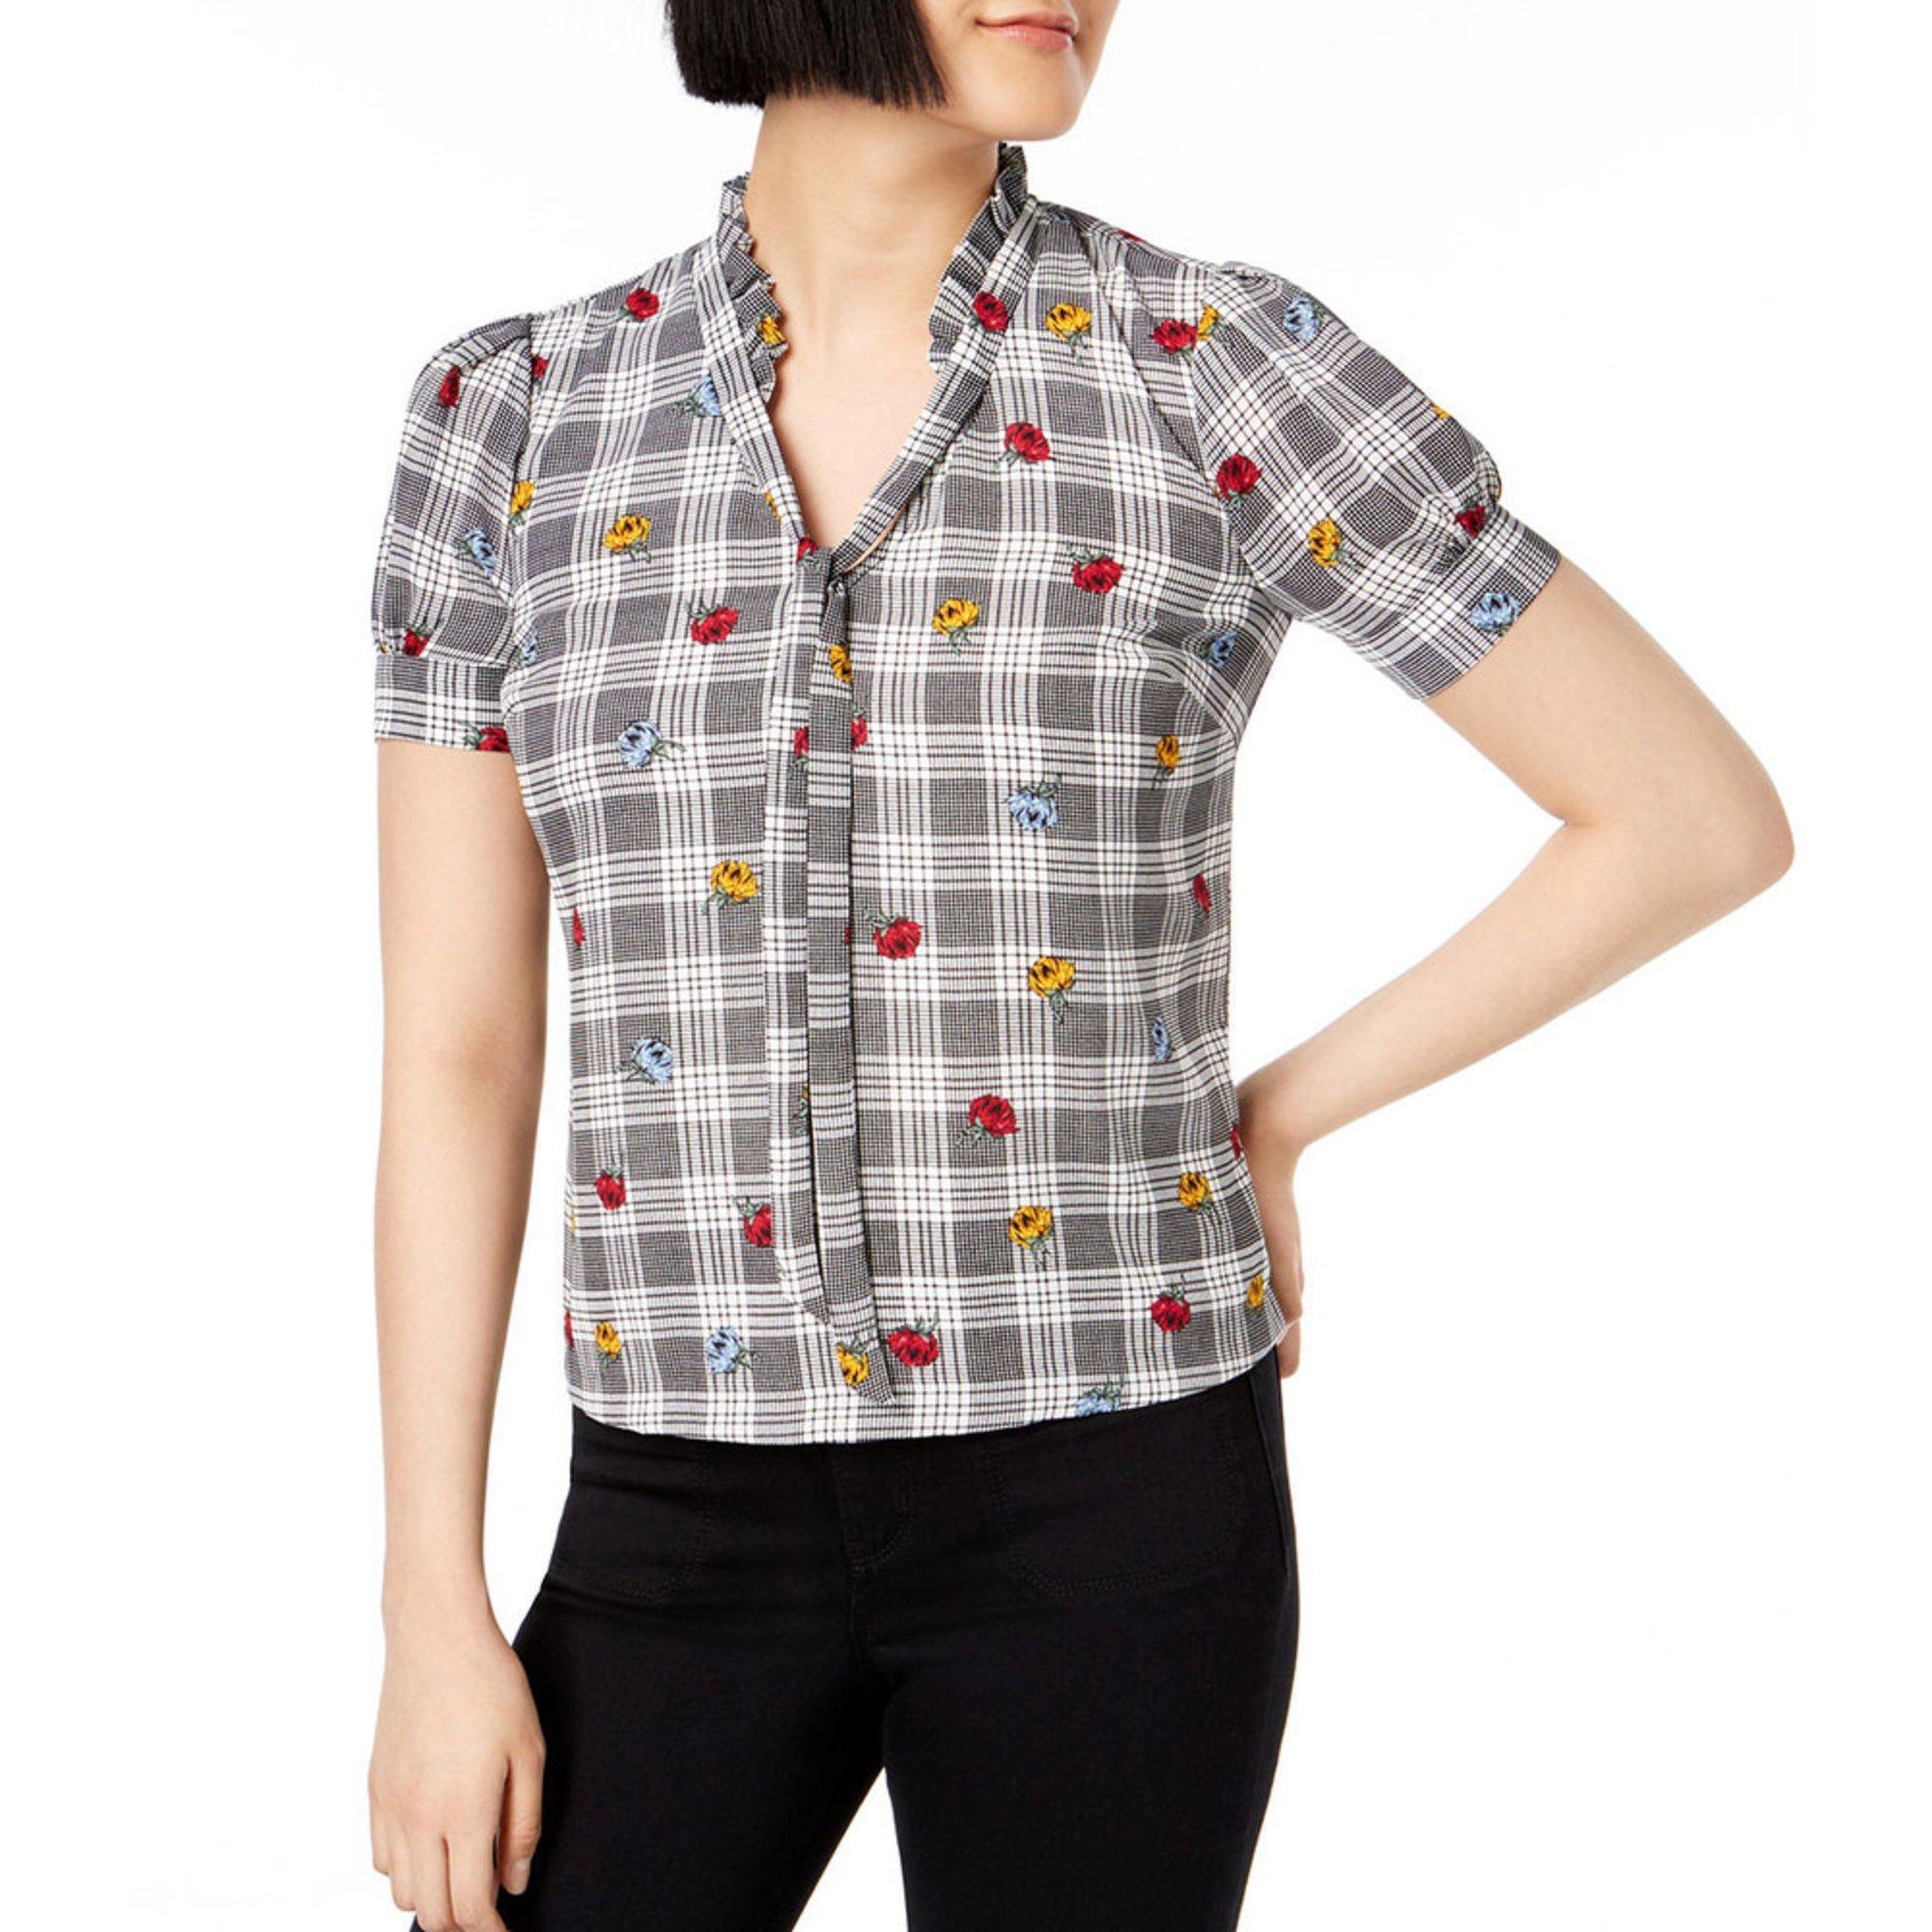 a83108ad Maison Jules Women's Plaid V-neck Blouse | Blouses | Apparel - Shop ...